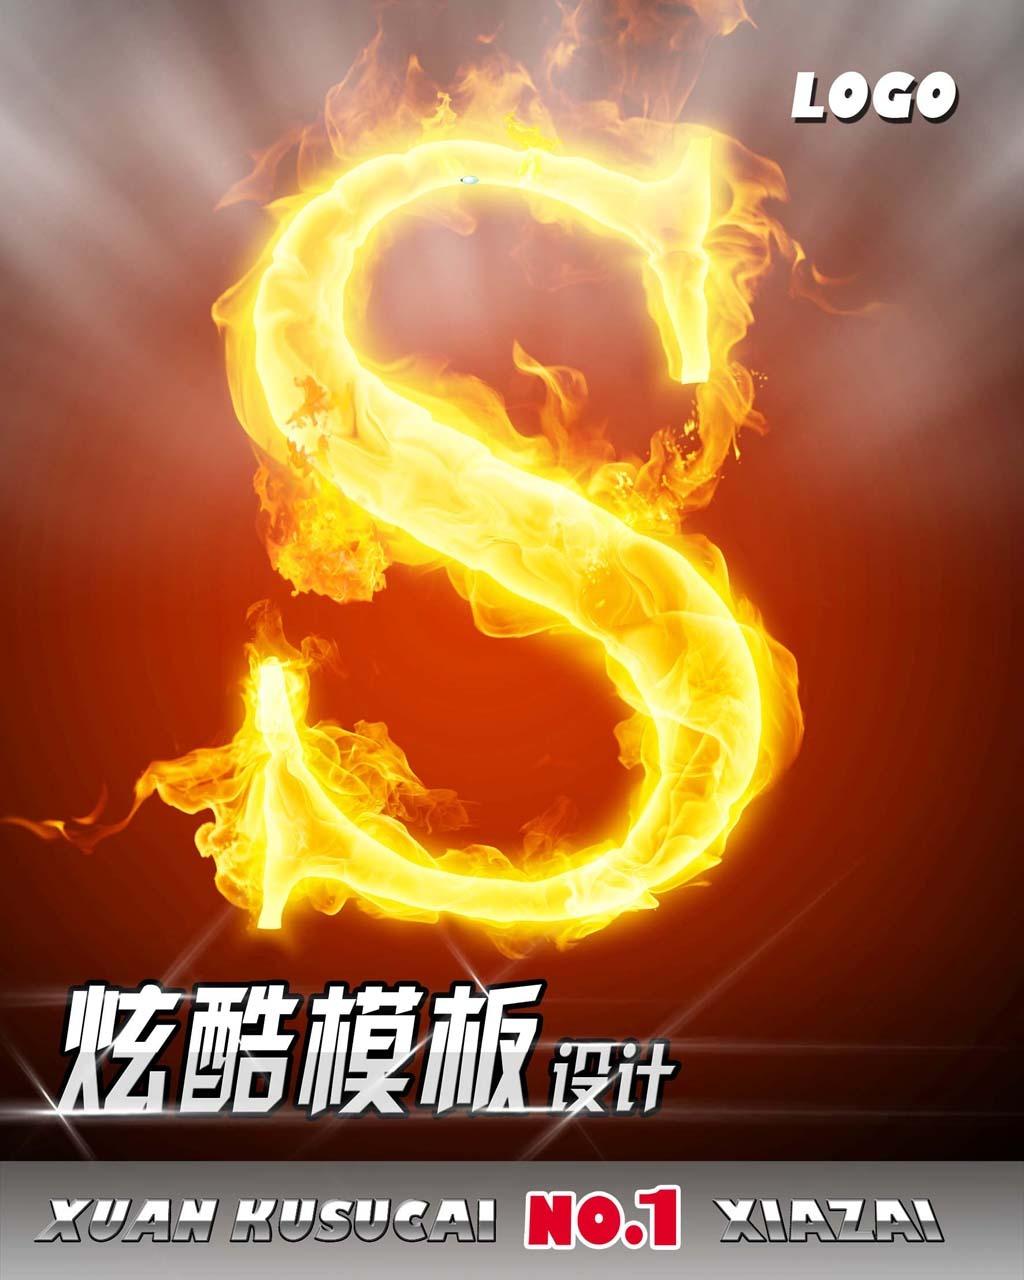 火焰字设计